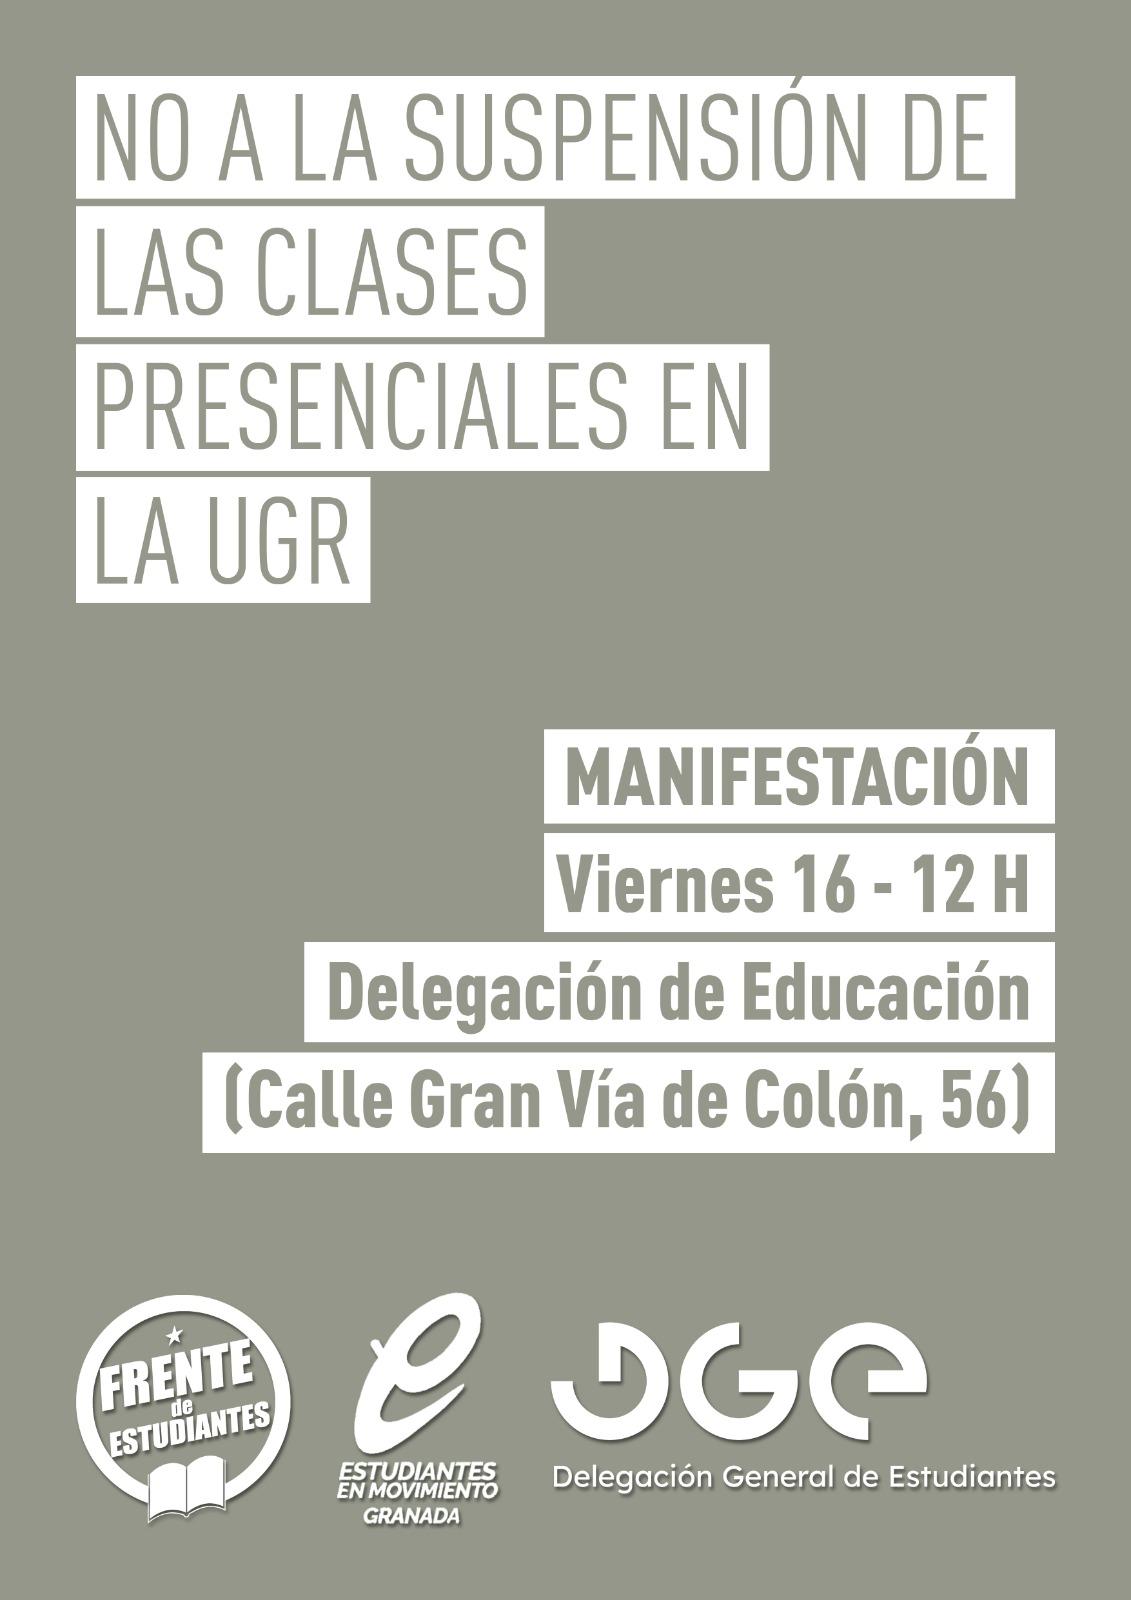 Estudiantes convocan manifestación ante el cierre de la Universidad de Granada